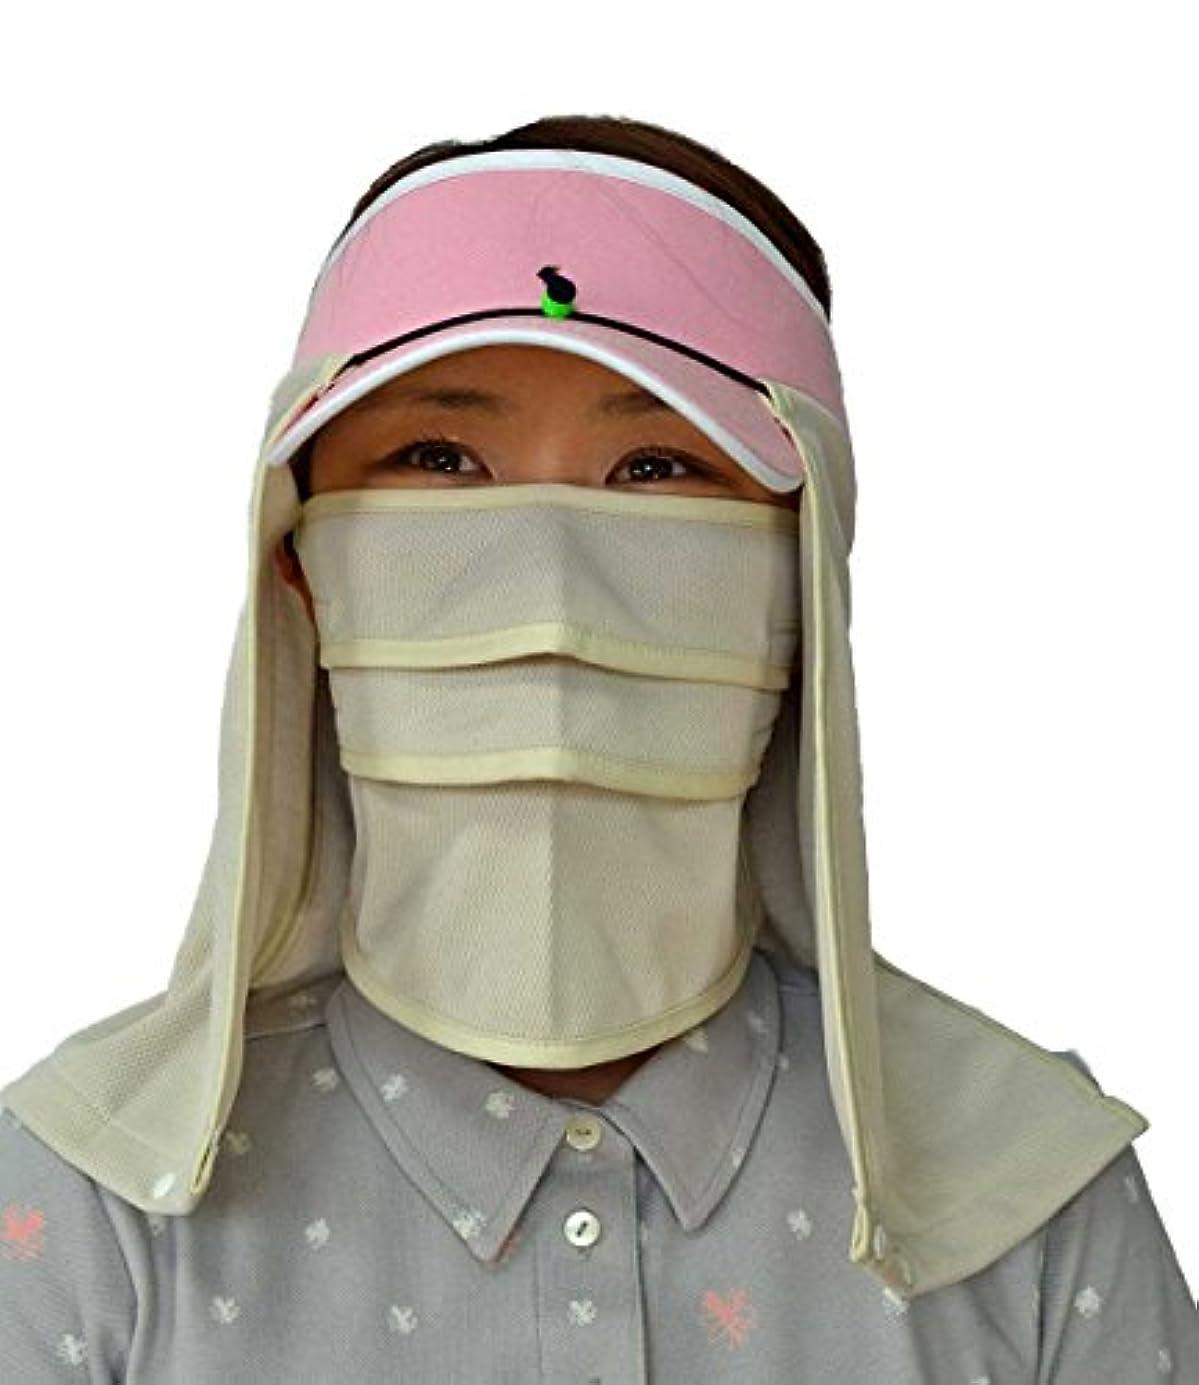 楽観的誇りに思う女優UVスポーツマスク?マモルーノ?とUV帽子カバー?スズシーノ?のセット(ベージュ)【◆テニスの練習や試合、ゴルフのラウンド、ウオーキング、ジョギング、スキー等、スポーツの際の紫外線対策、日焼け防止に!】